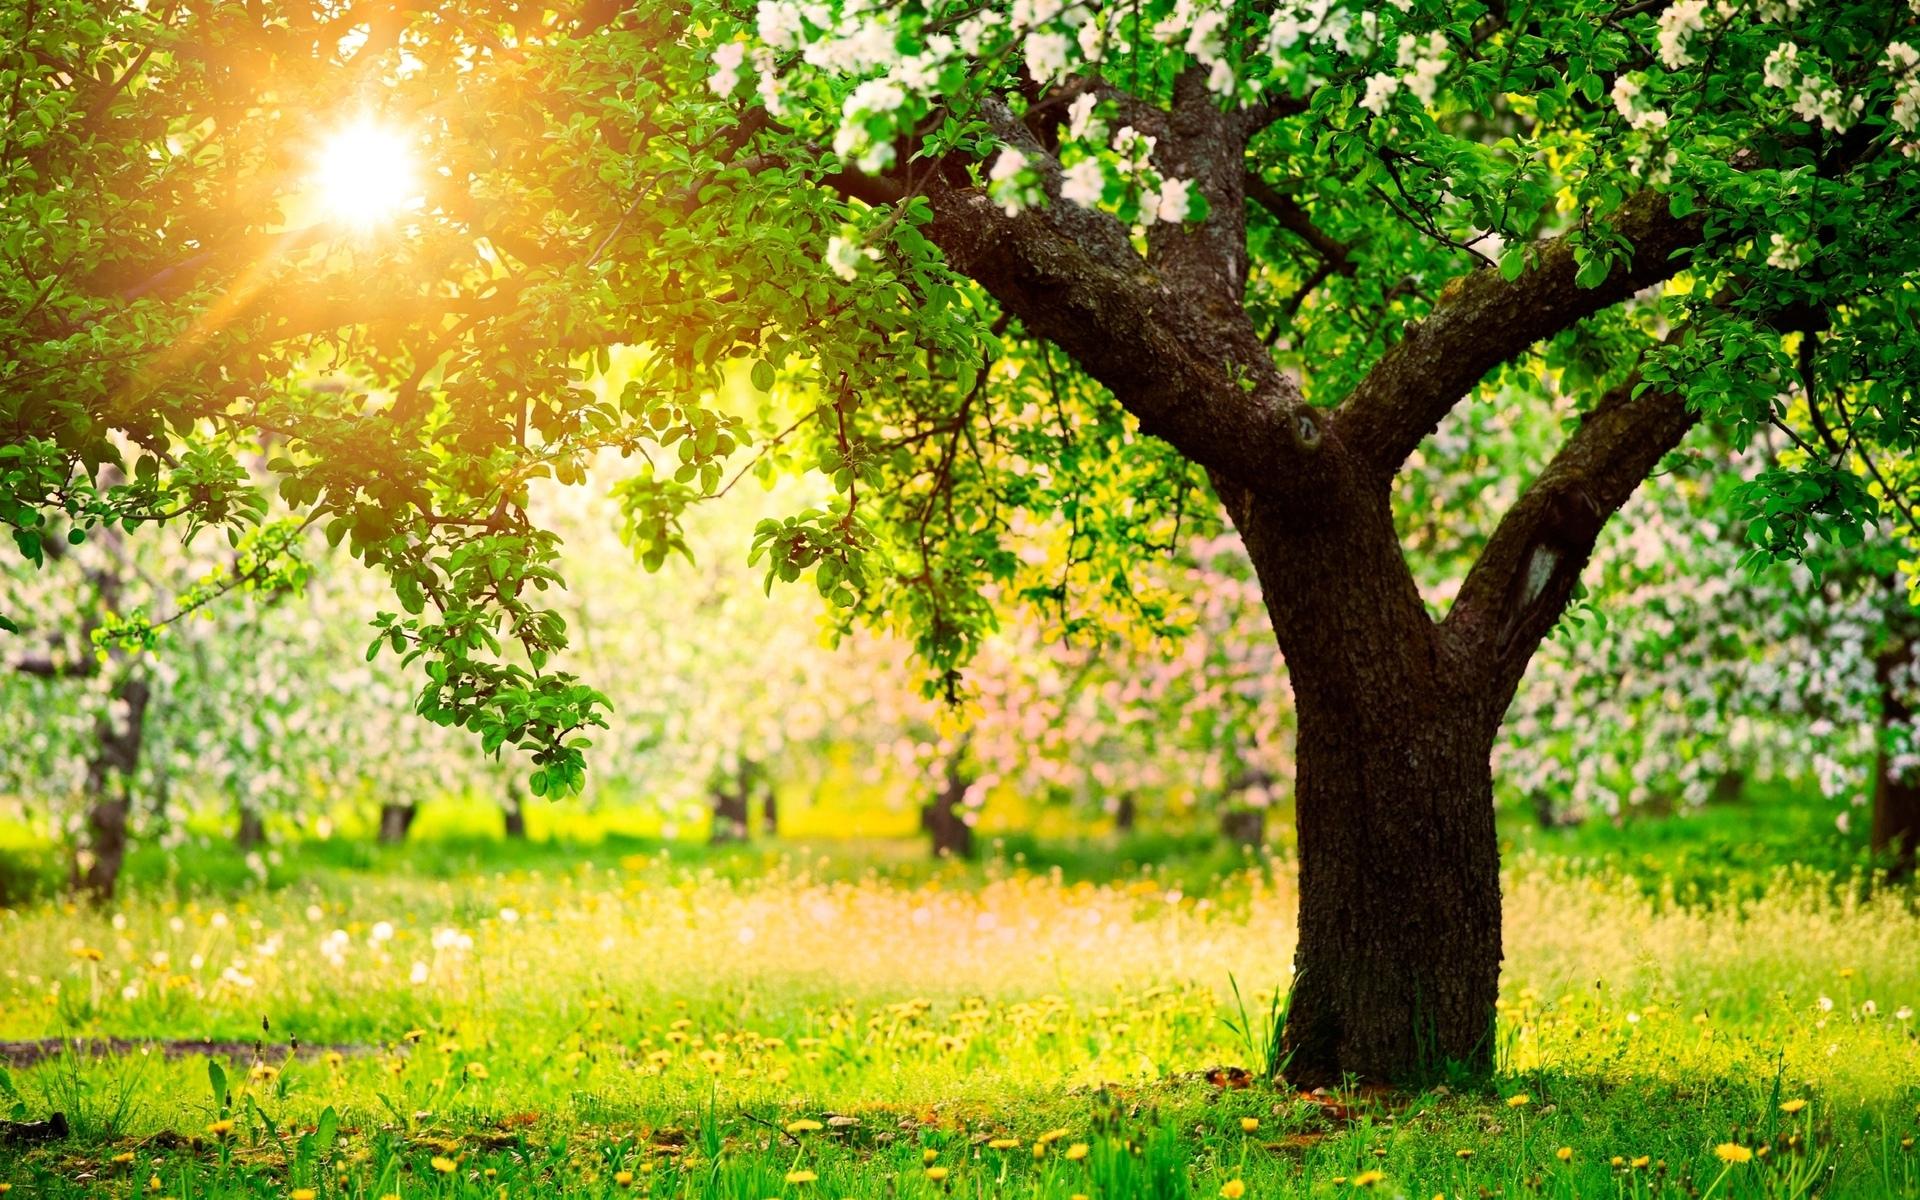 Весна солнце природа деревья яблони